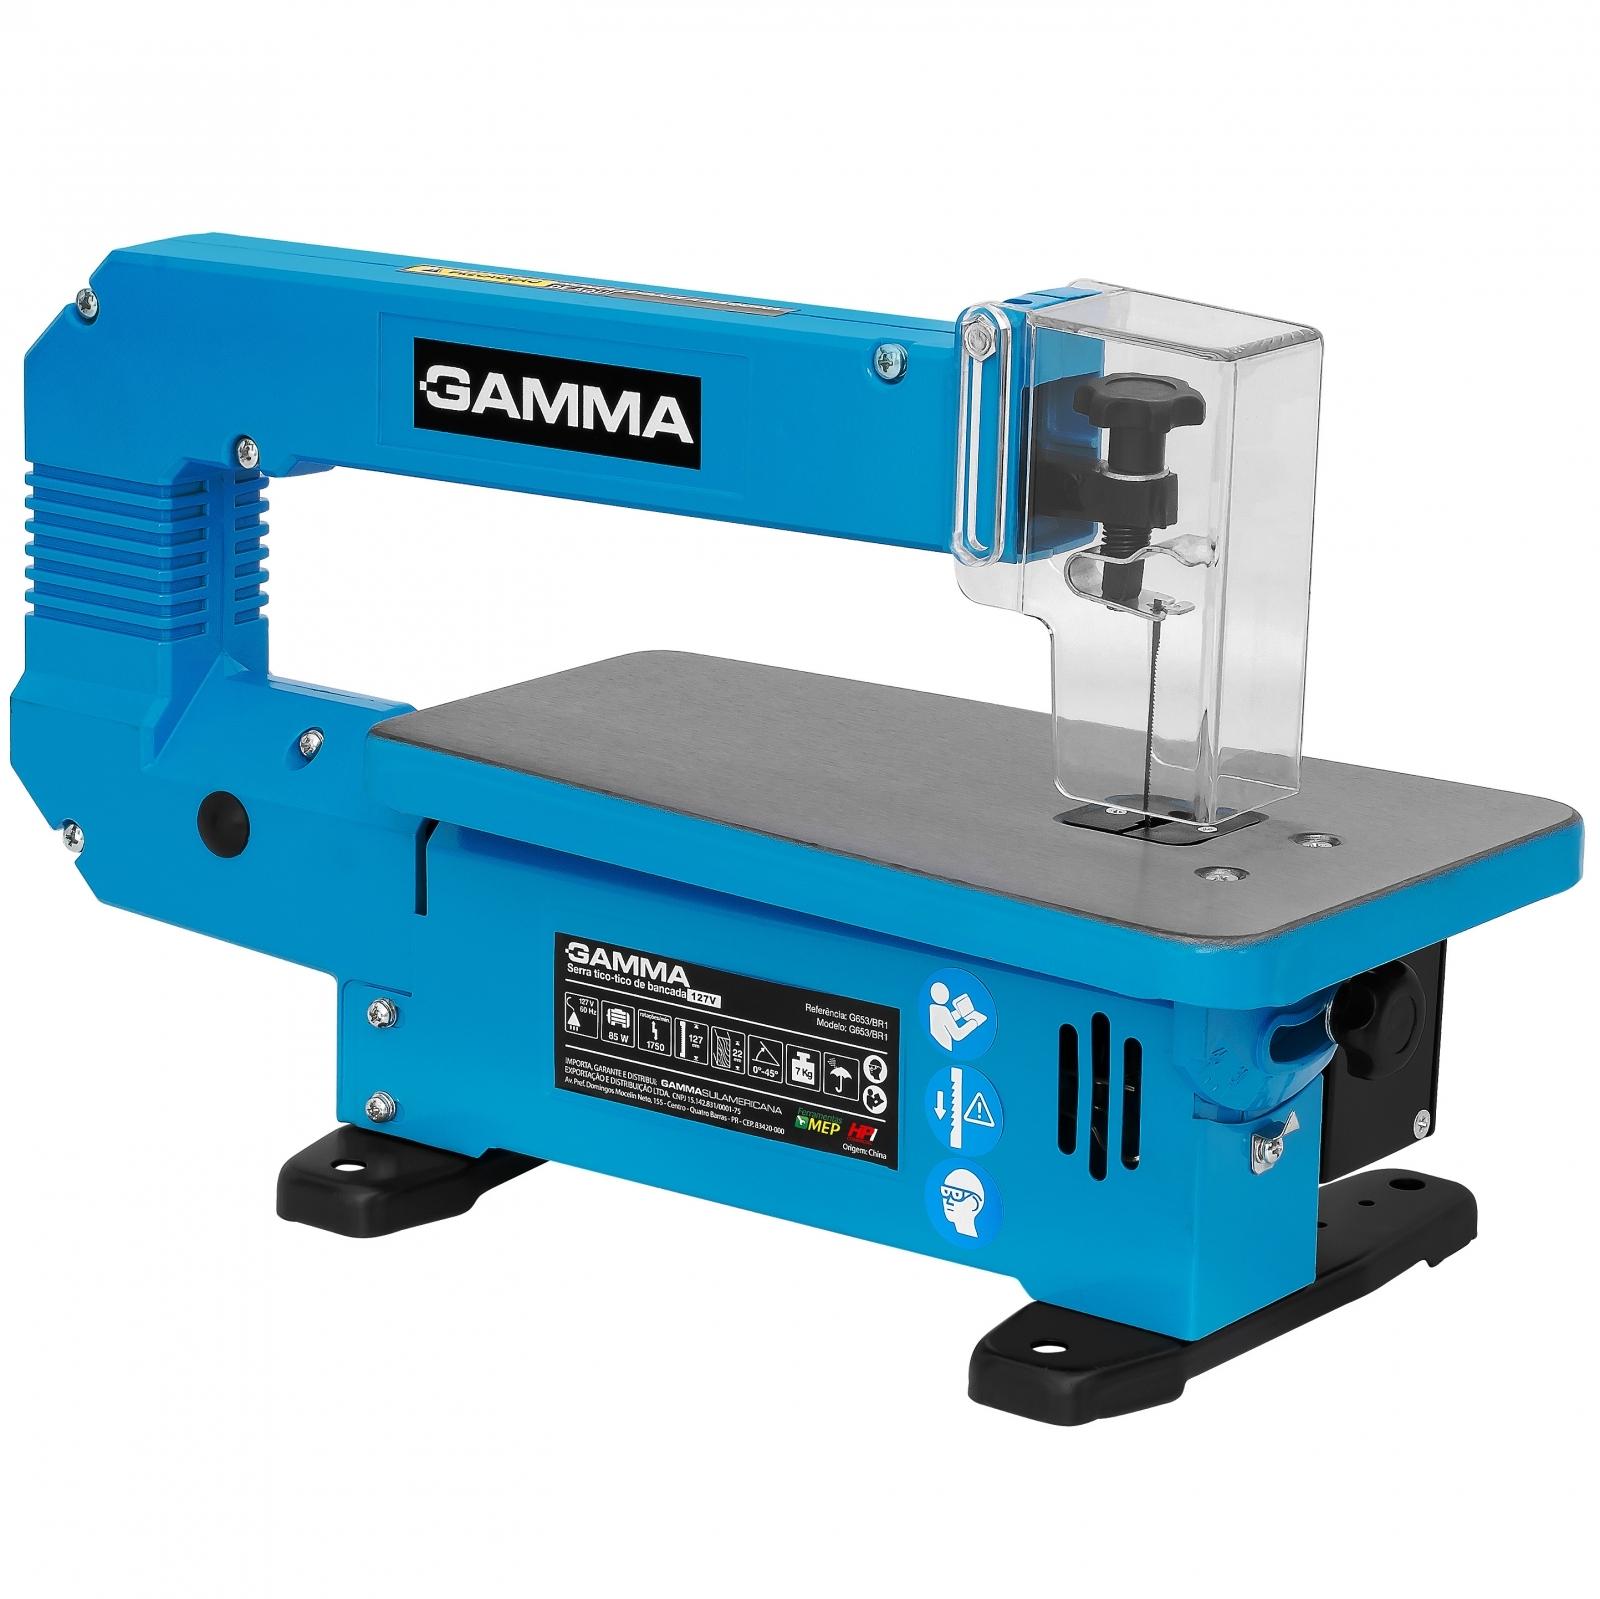 Serra Tico-Tico De Bancada Gamma G653 85w 220v - Ferramentas MEP